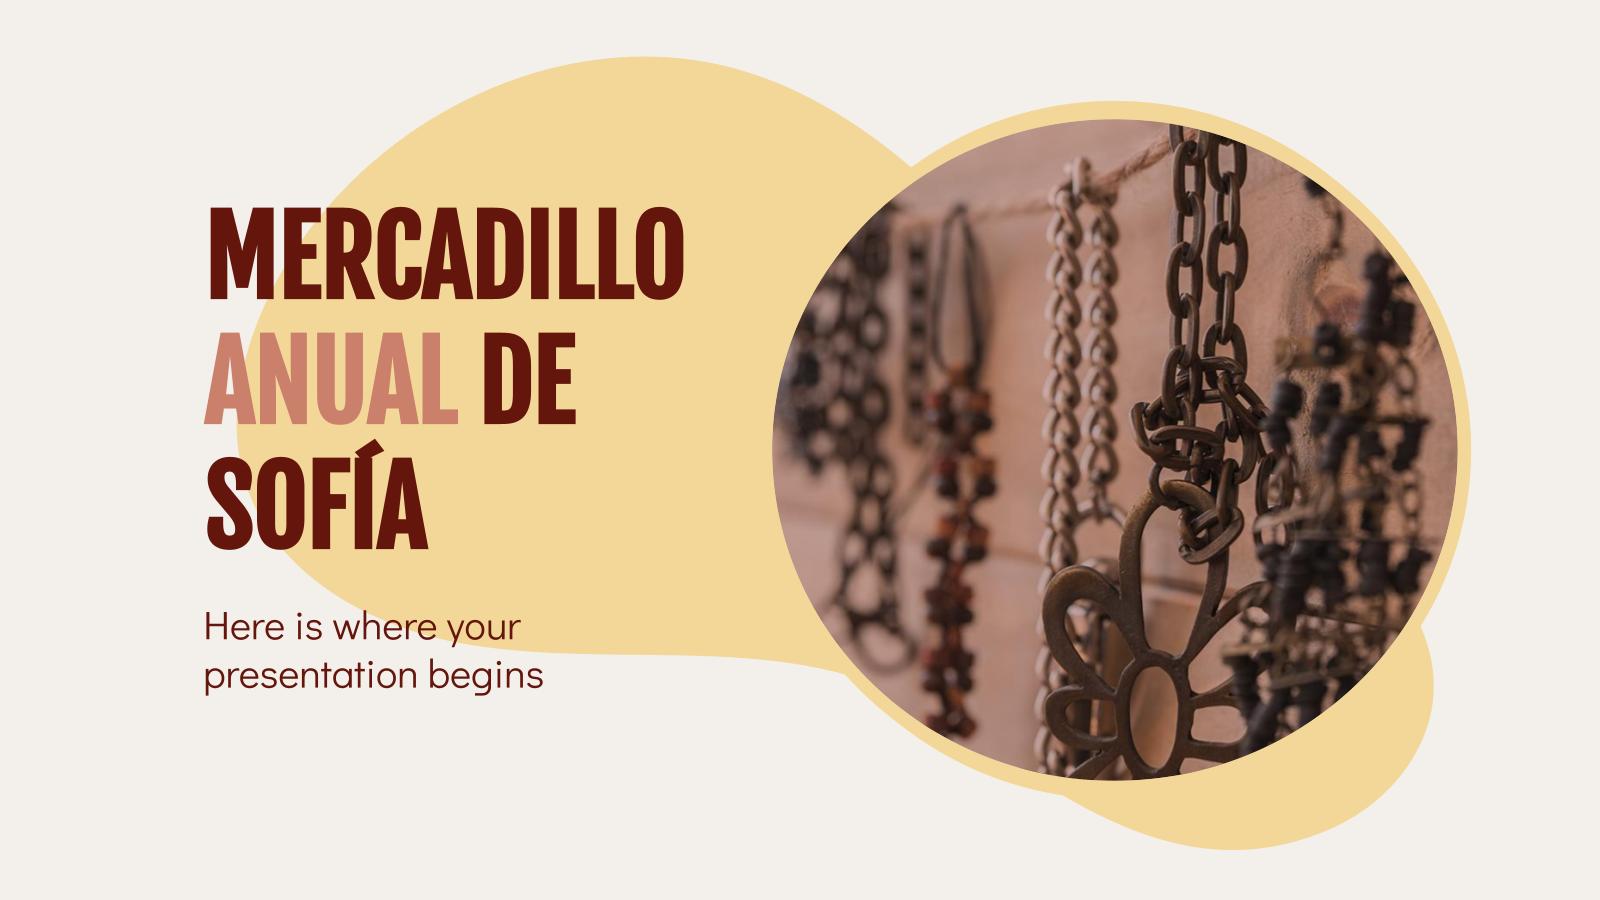 Mercadillo Anual de Sofía presentation template